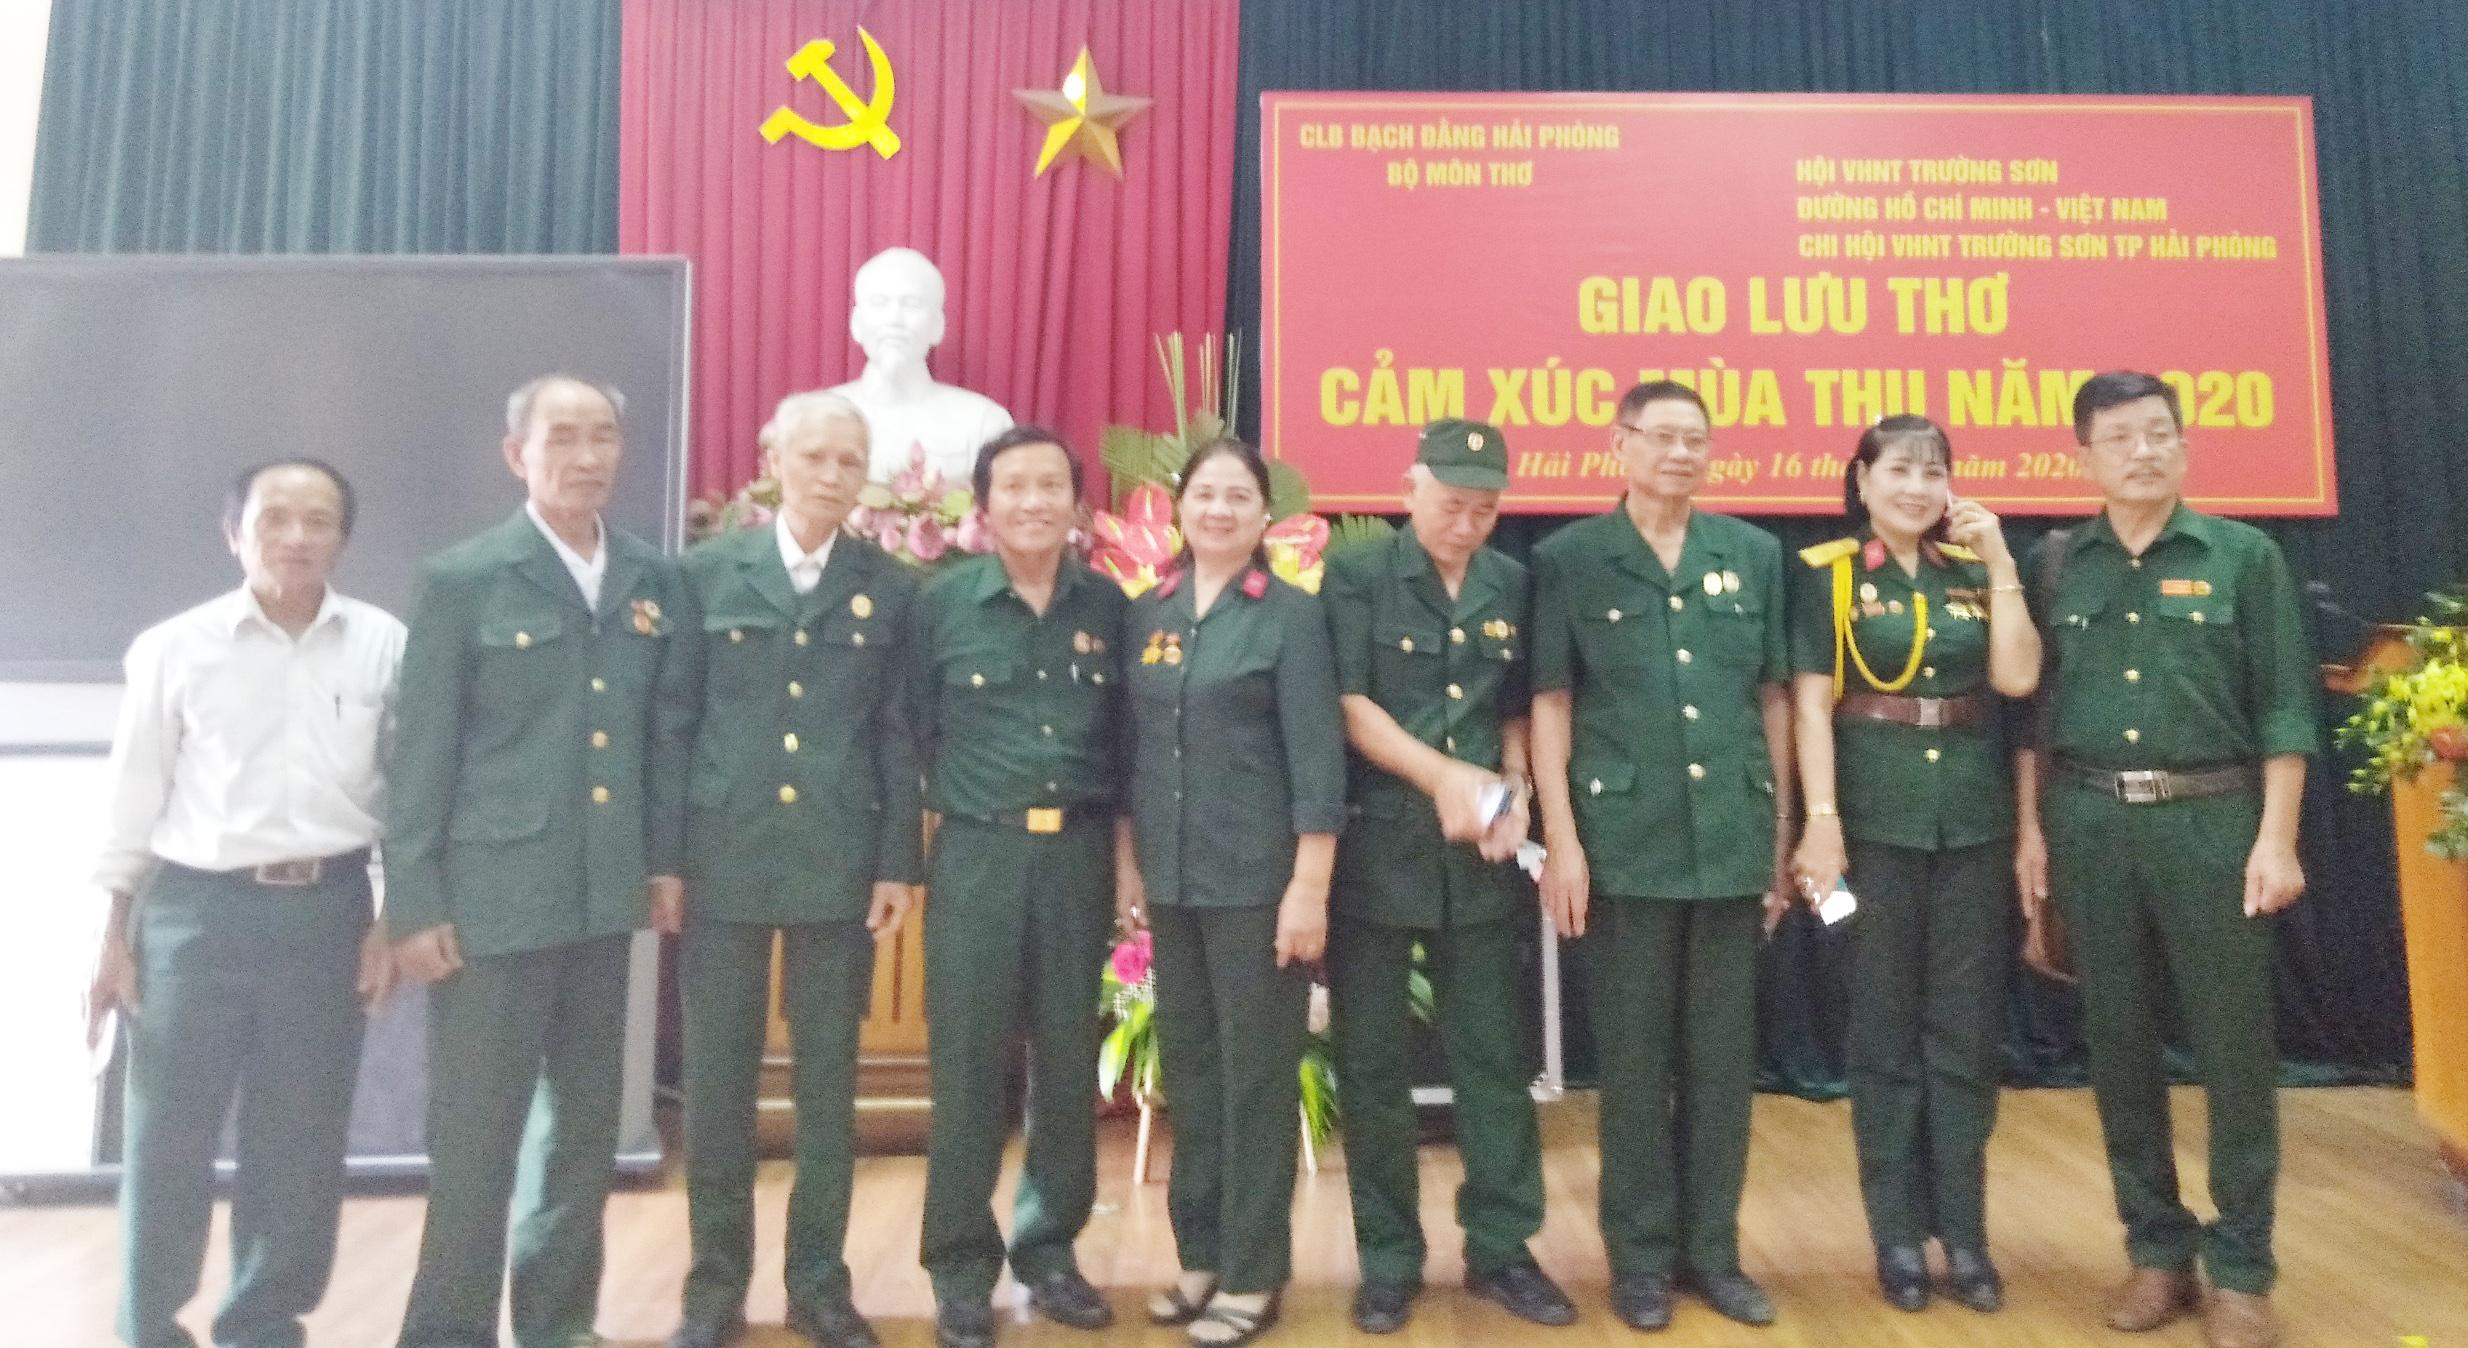 Văn học Nghệ thuật TS Hải Phòng tham dự giao lưu Thơ, Nhạc